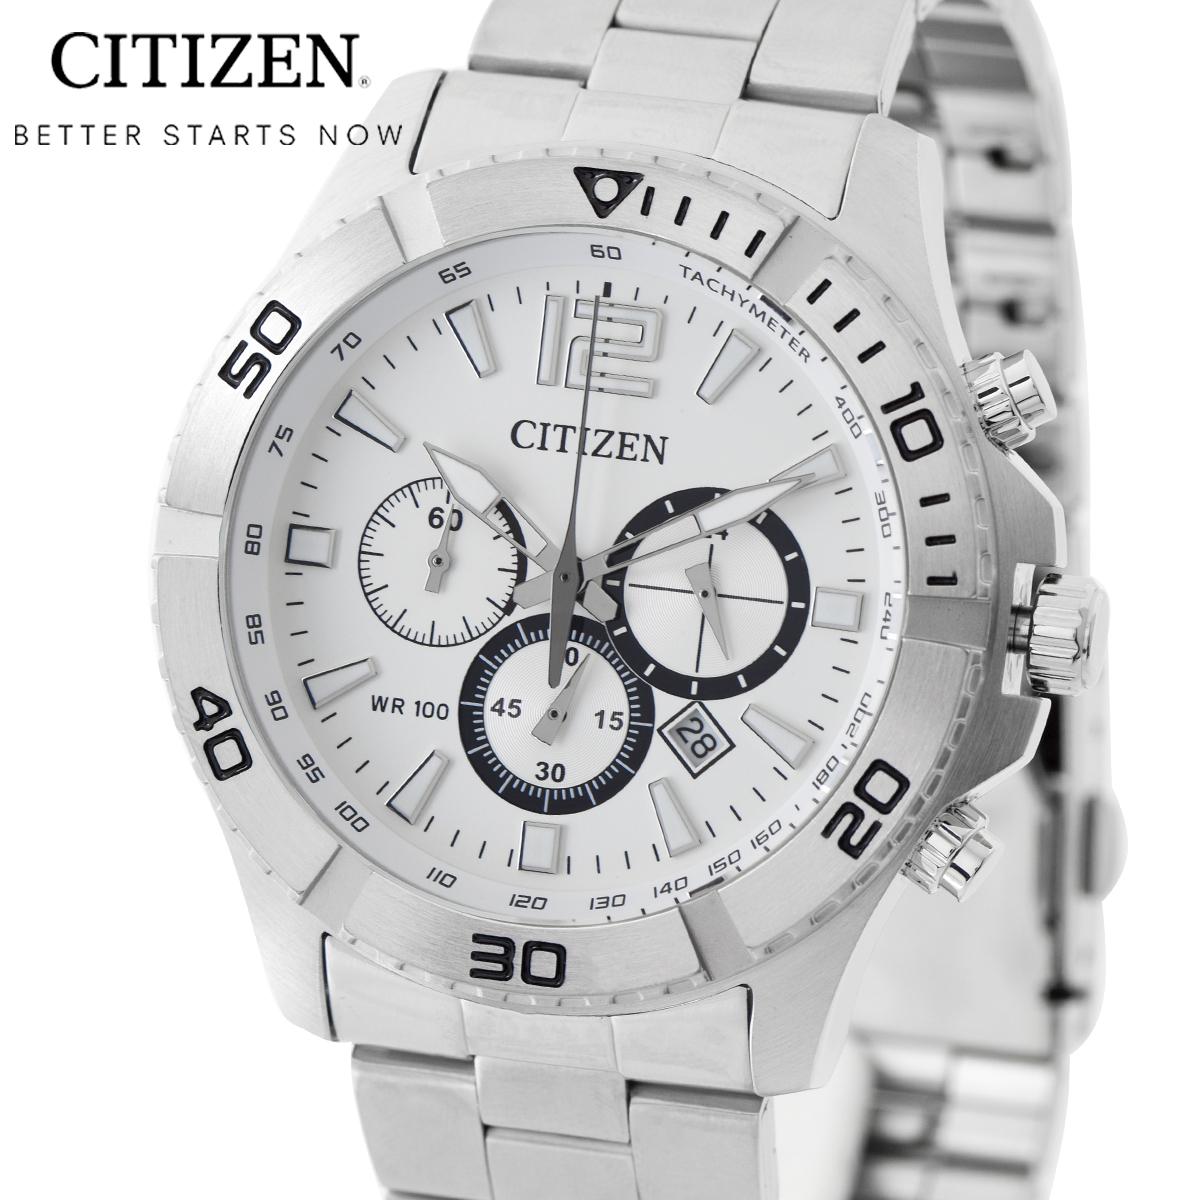 3b3019f241 シチズン CITIZEN AN8120-57A メンズ 時計 腕時計 クオーツ クロノグラフ シチズン 海外正規品 送料無料